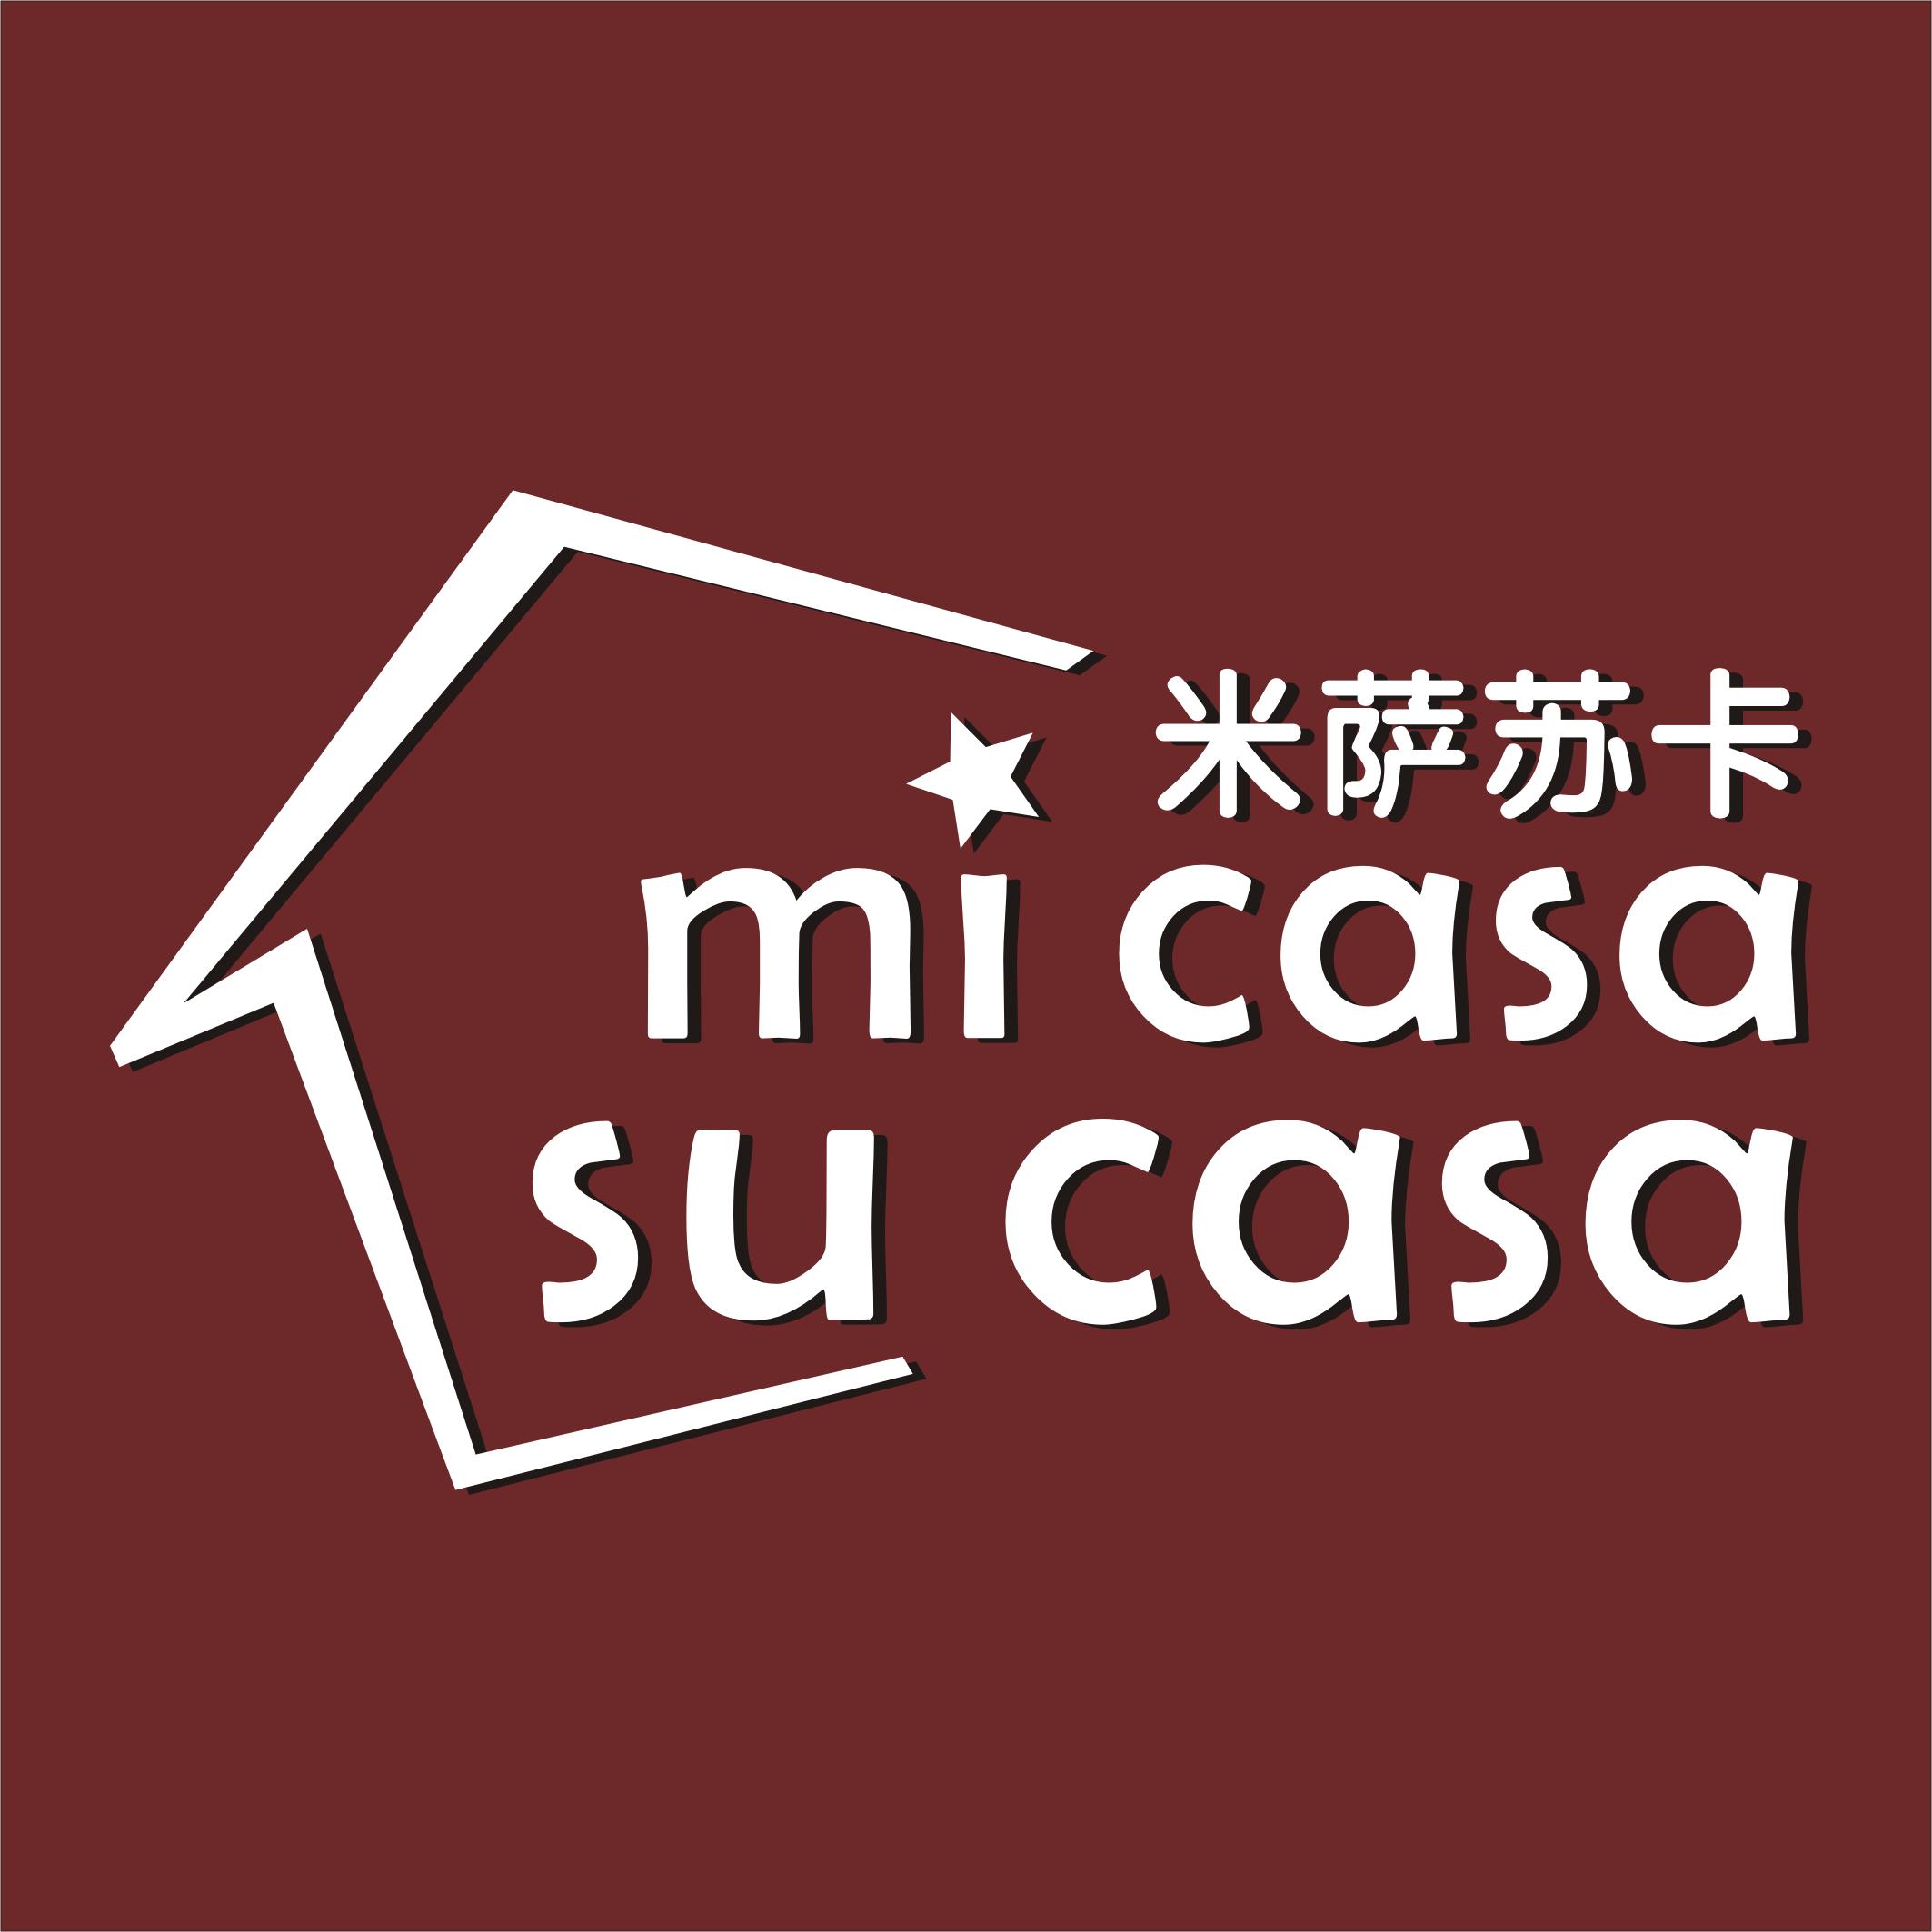 米萨苏卡清吧